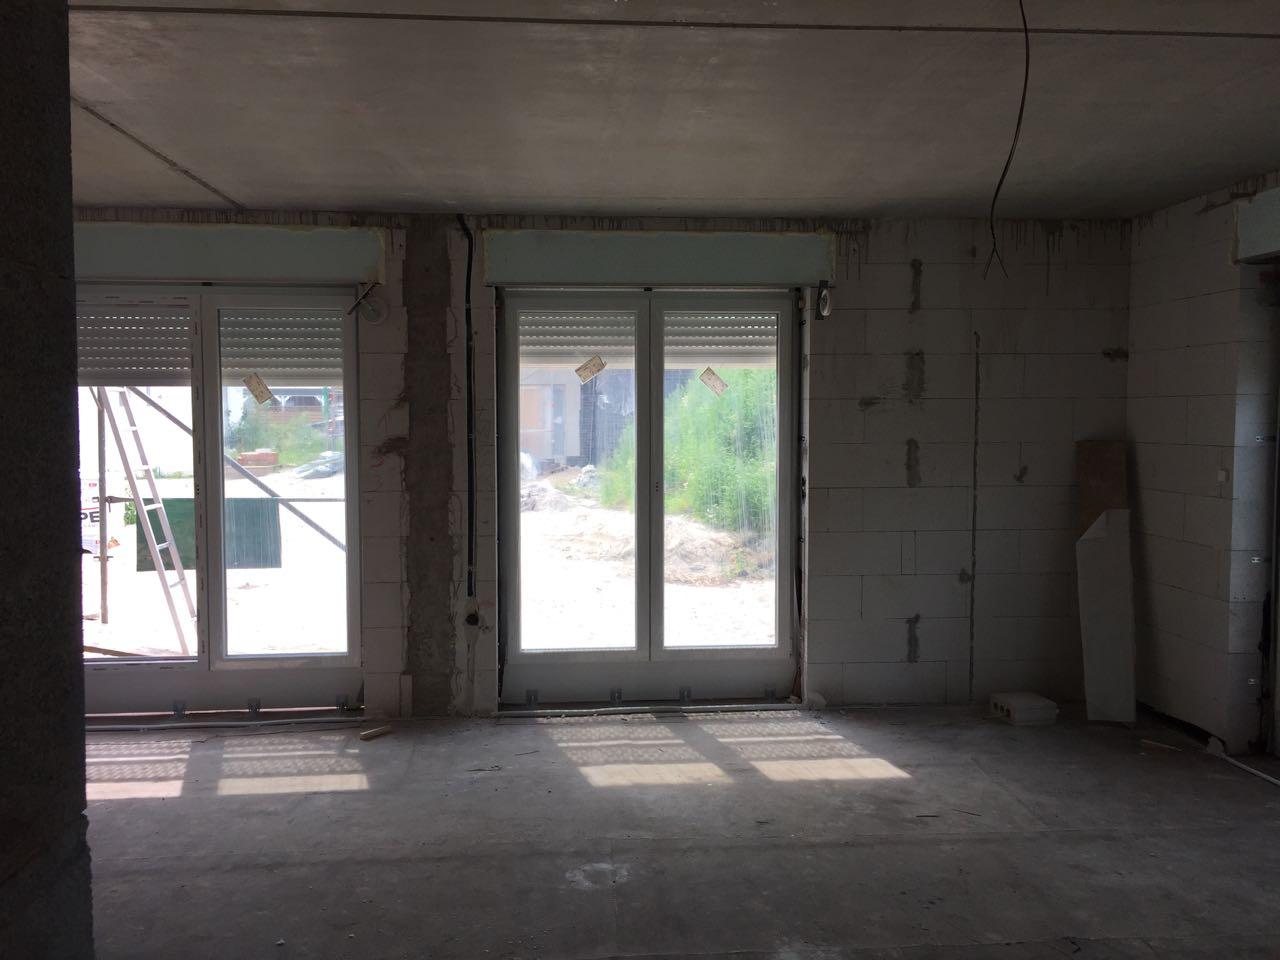 Fenster – 5